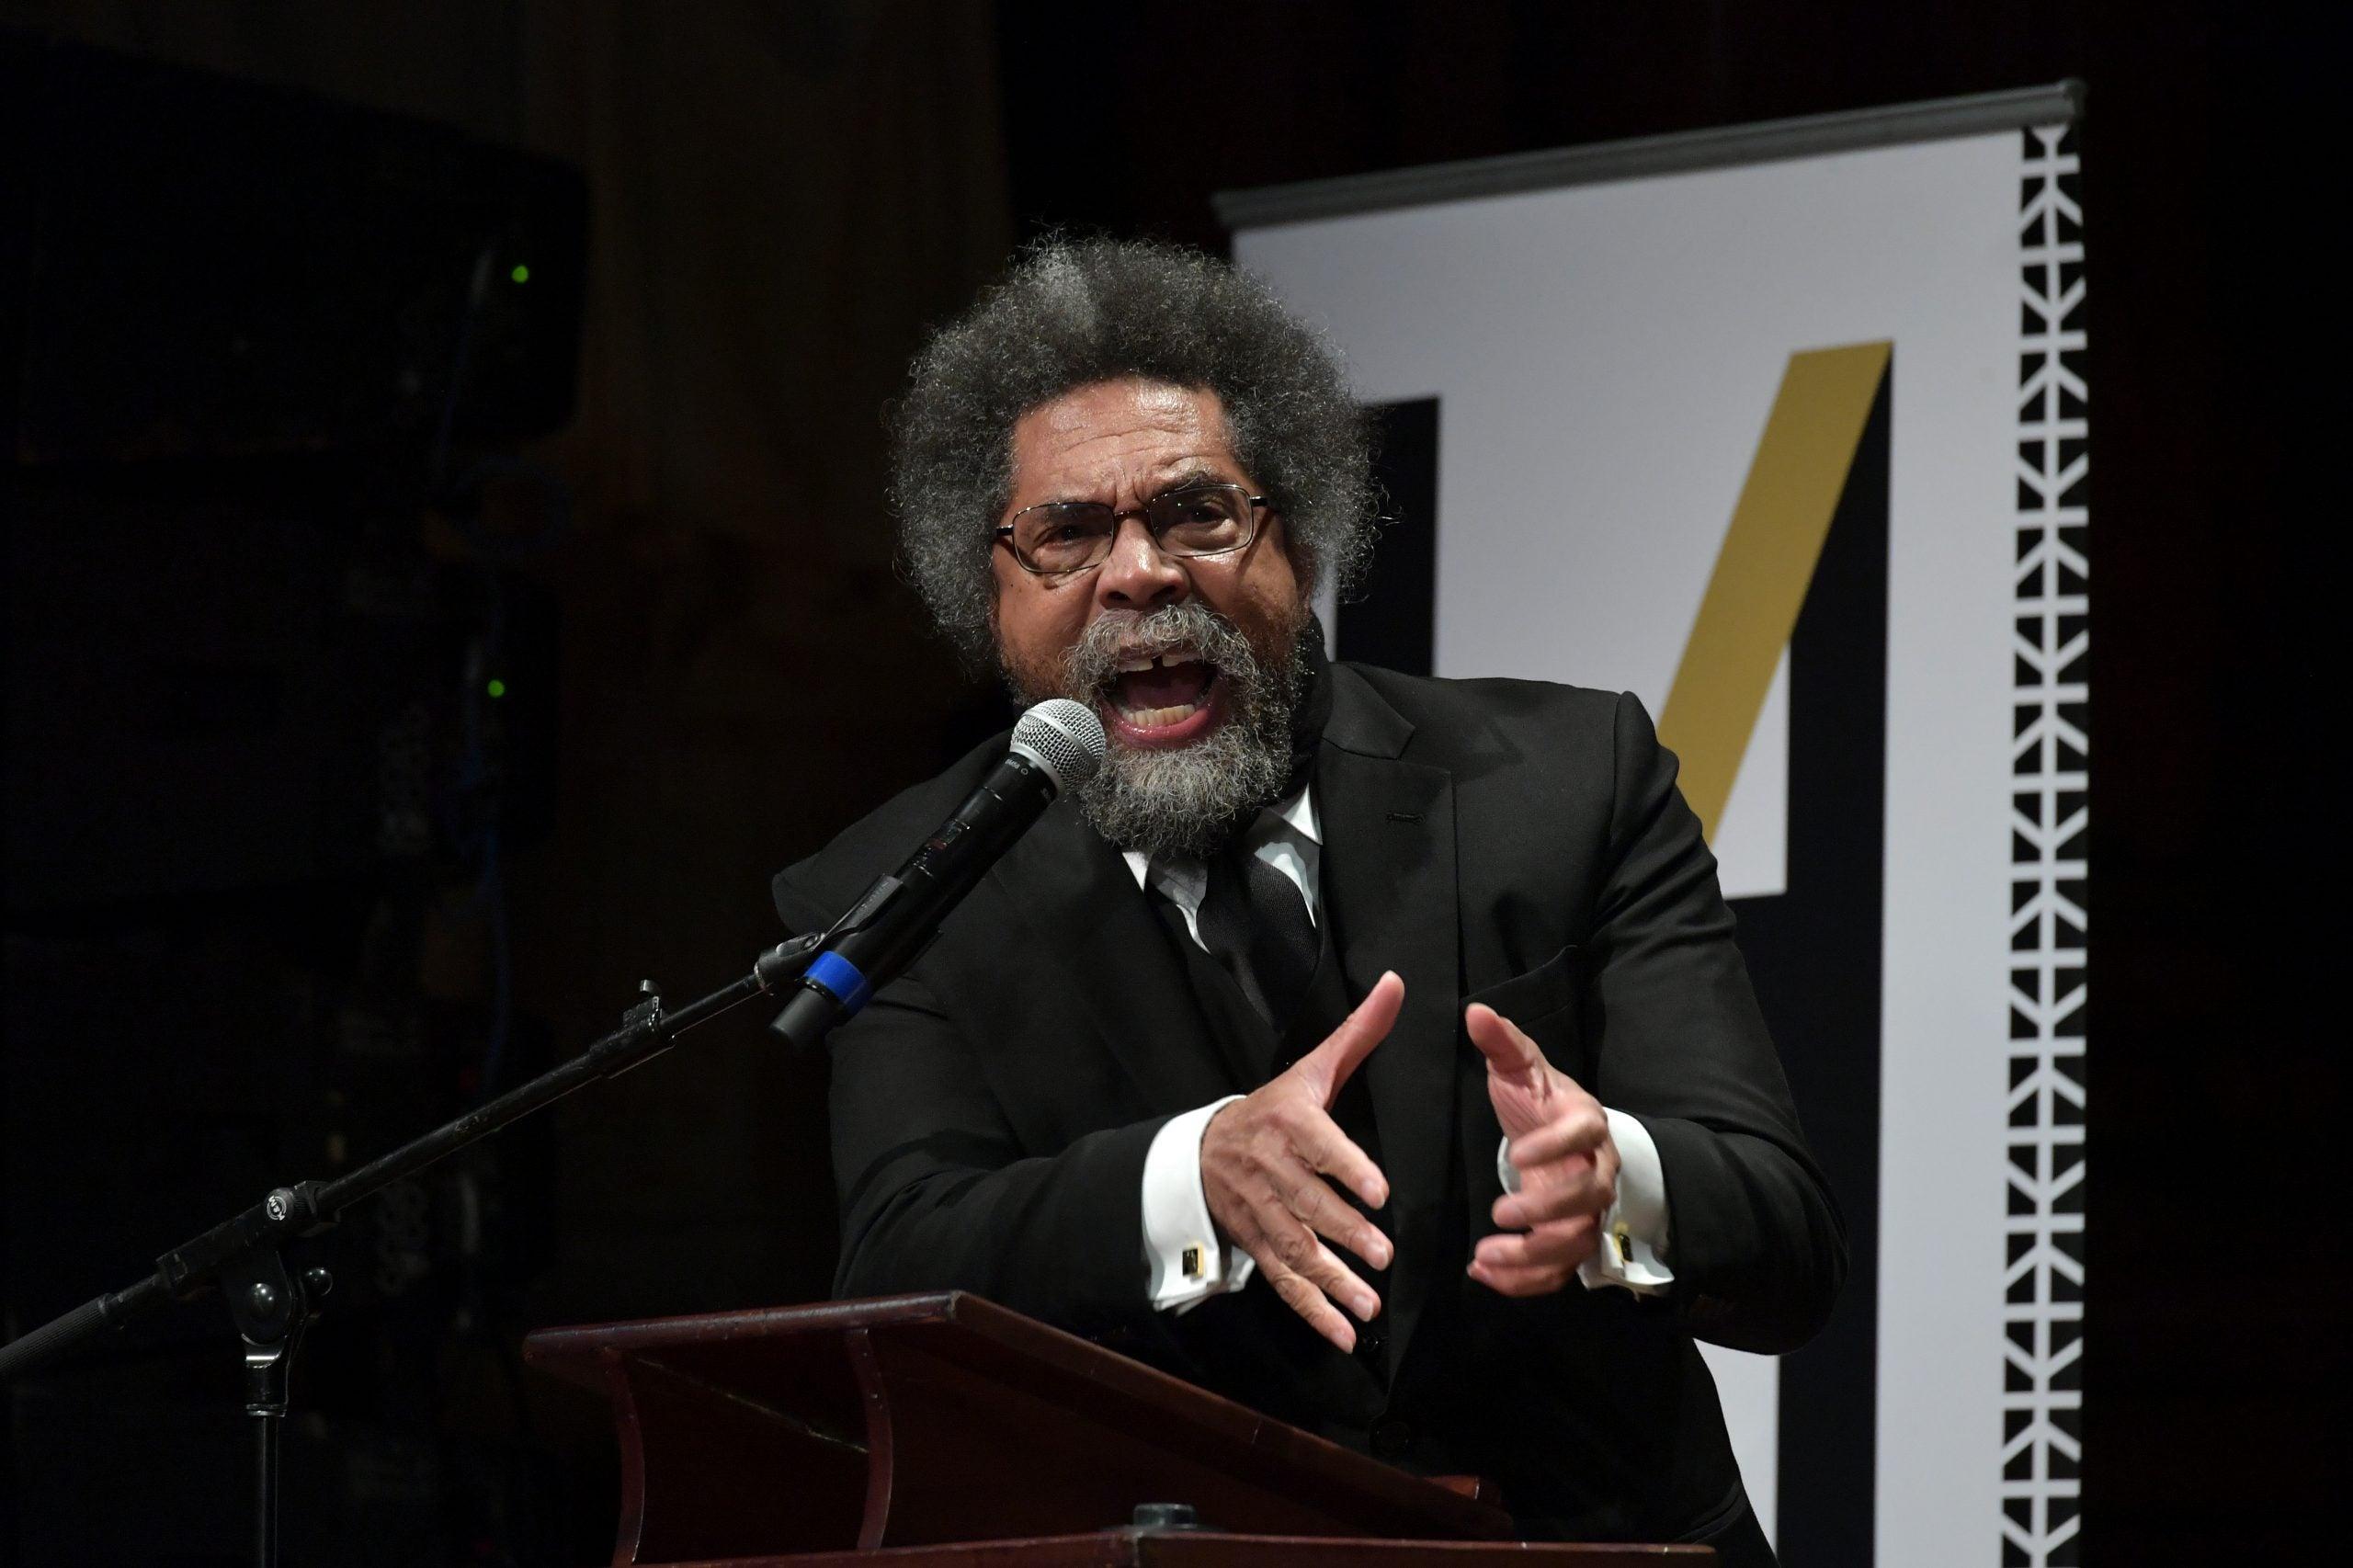 Cornel West Unloads On Fox News Guest During 'Defund Police' Conversation